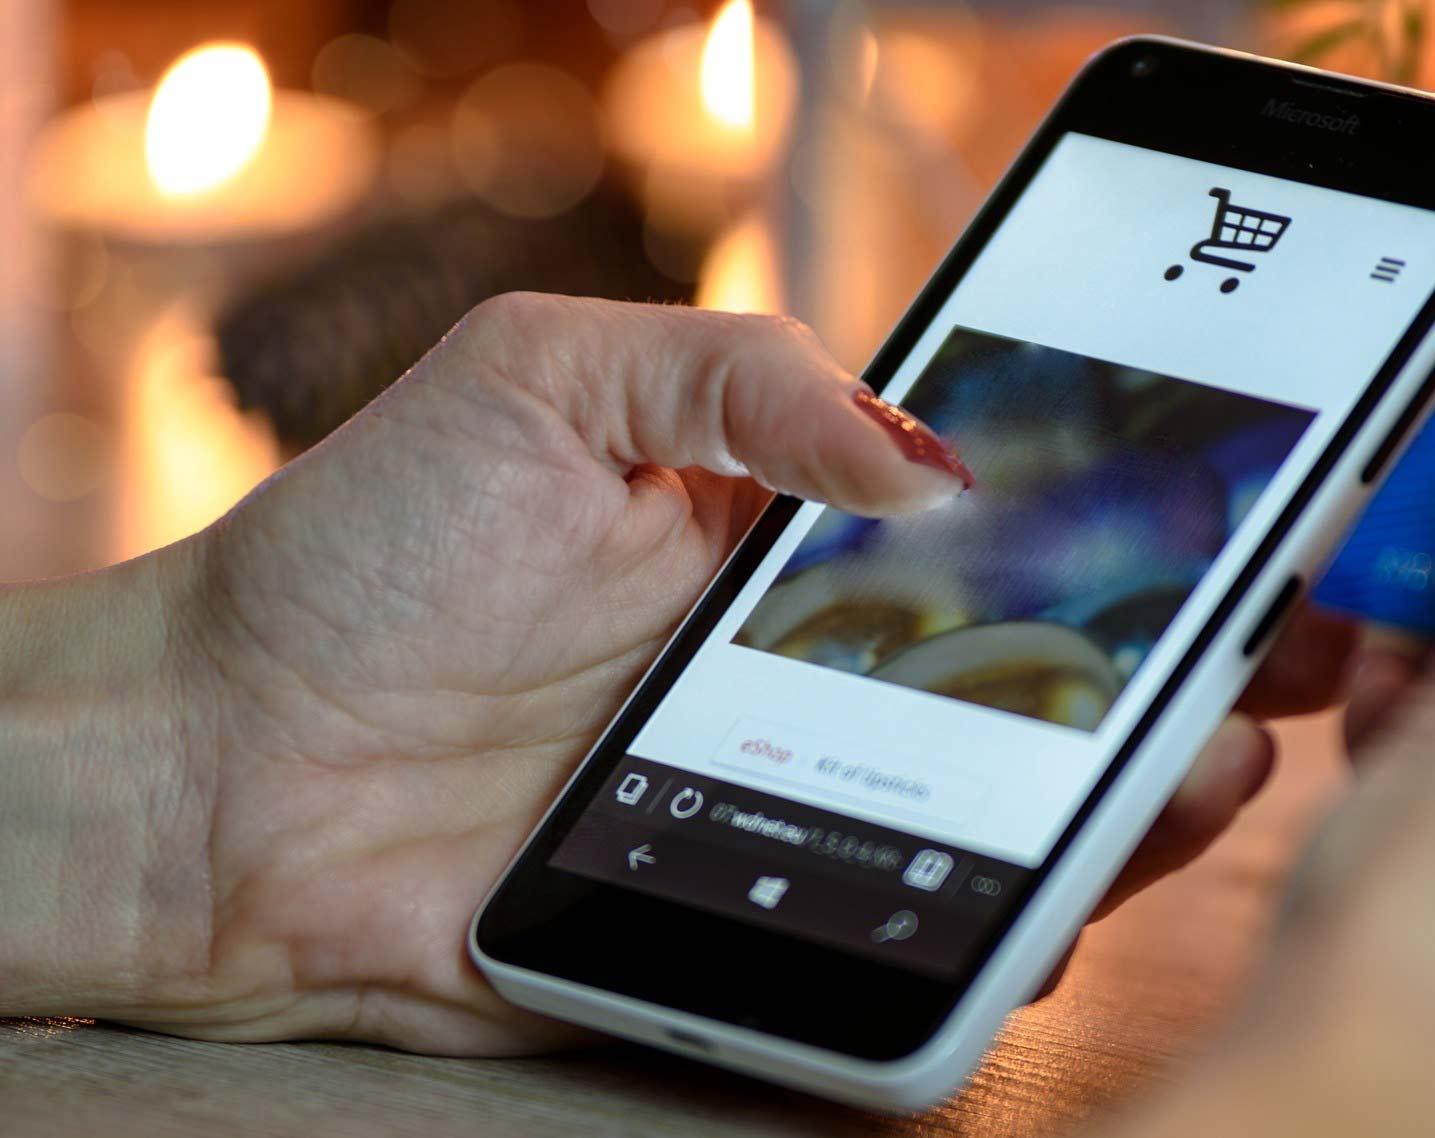 Tipps für Verbraucher zum Schutz vor Shoppingfallen copyright: pixabay.com